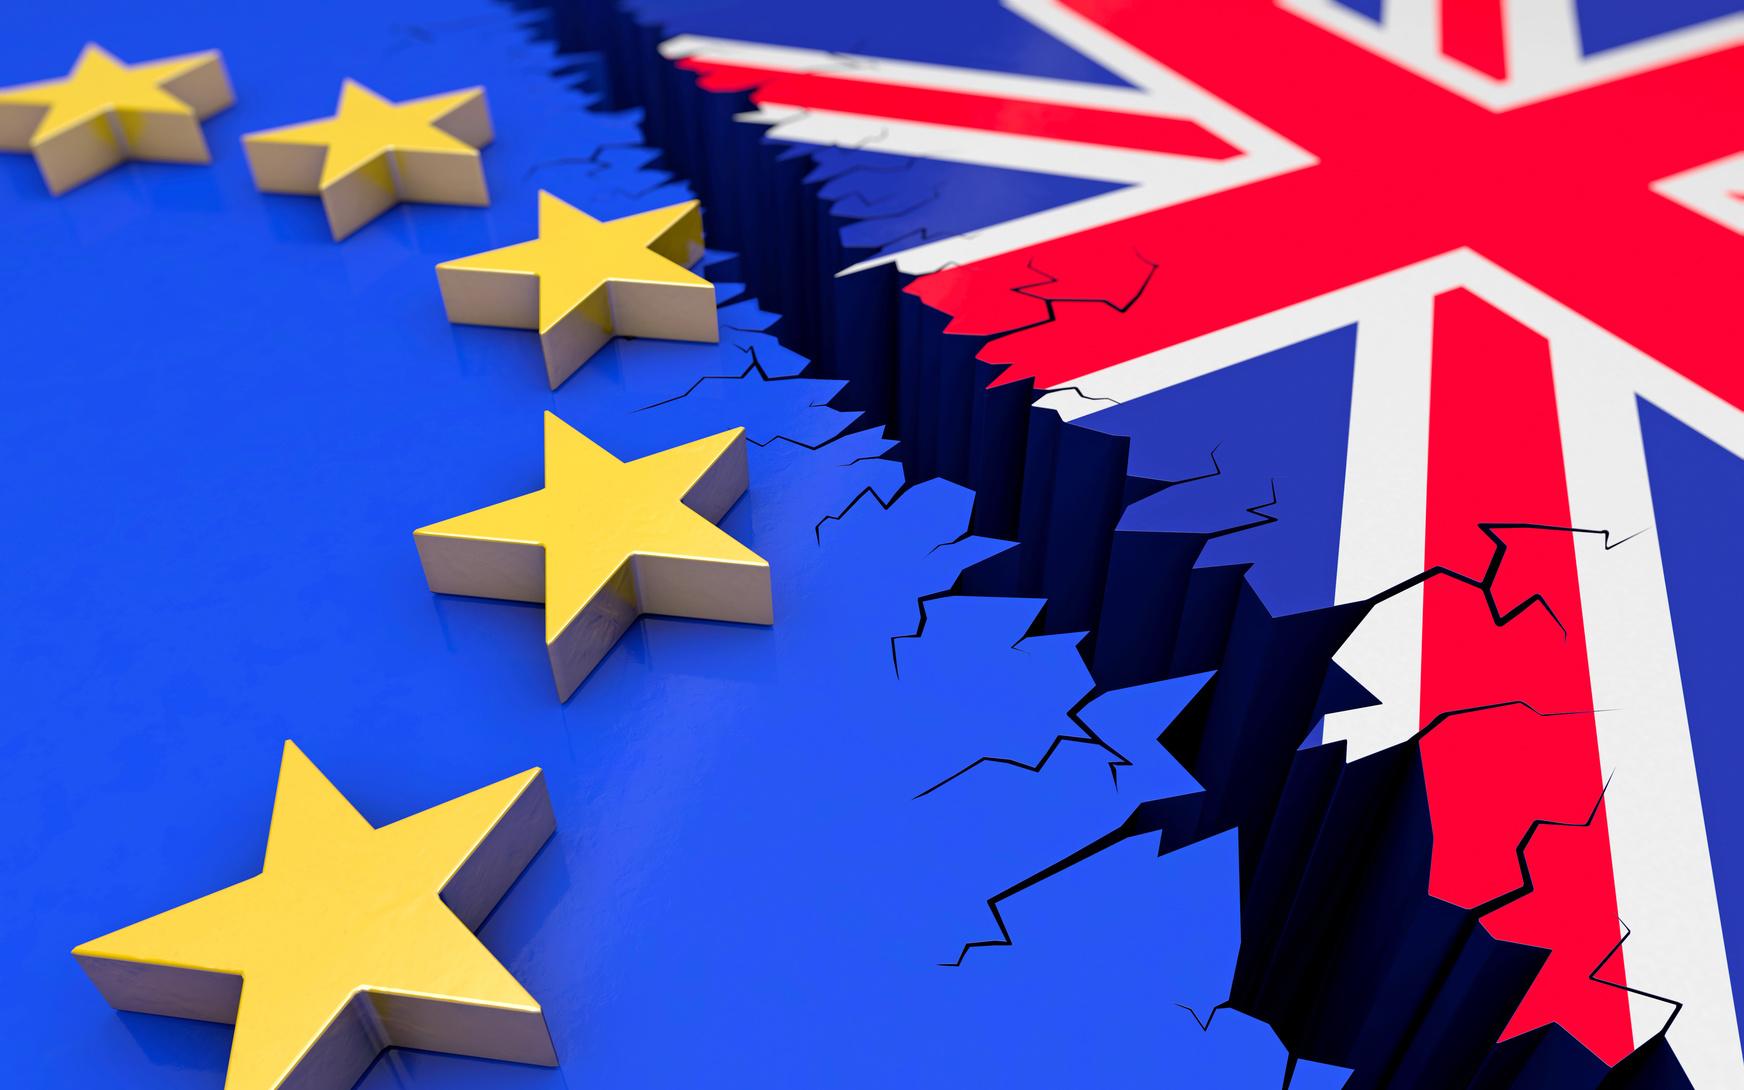 Anh có thể thiệt hại 2 tỉ Euro một năm sau Brexit